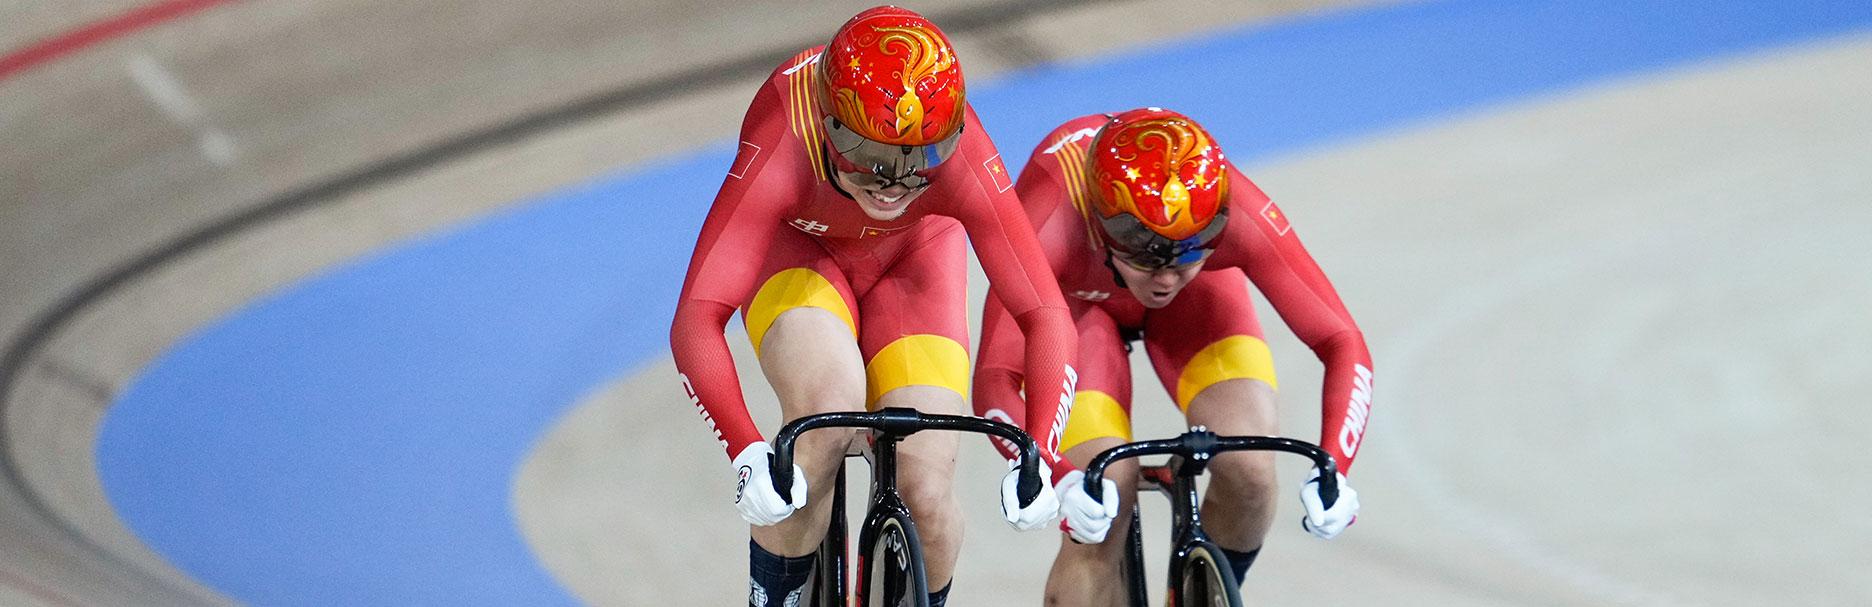 中國場地自行車東京奧運會蟬聯冠軍——為提高千分之一秒 窮盡一切可能